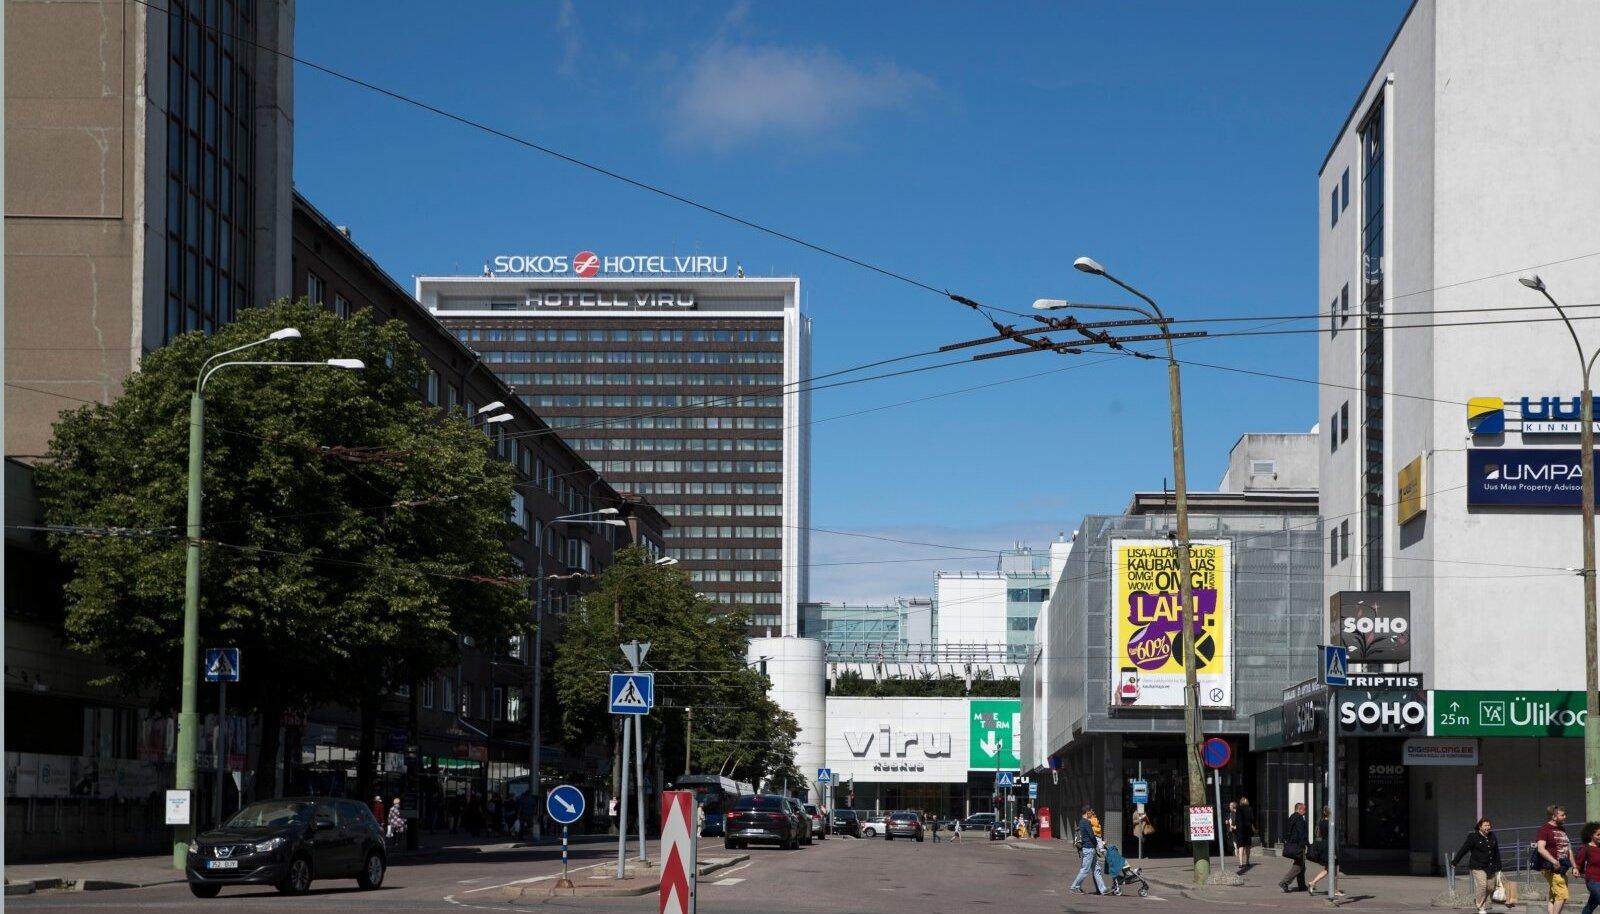 Tallinna vaated,Rävala pst - vaade Estonia pst suunas